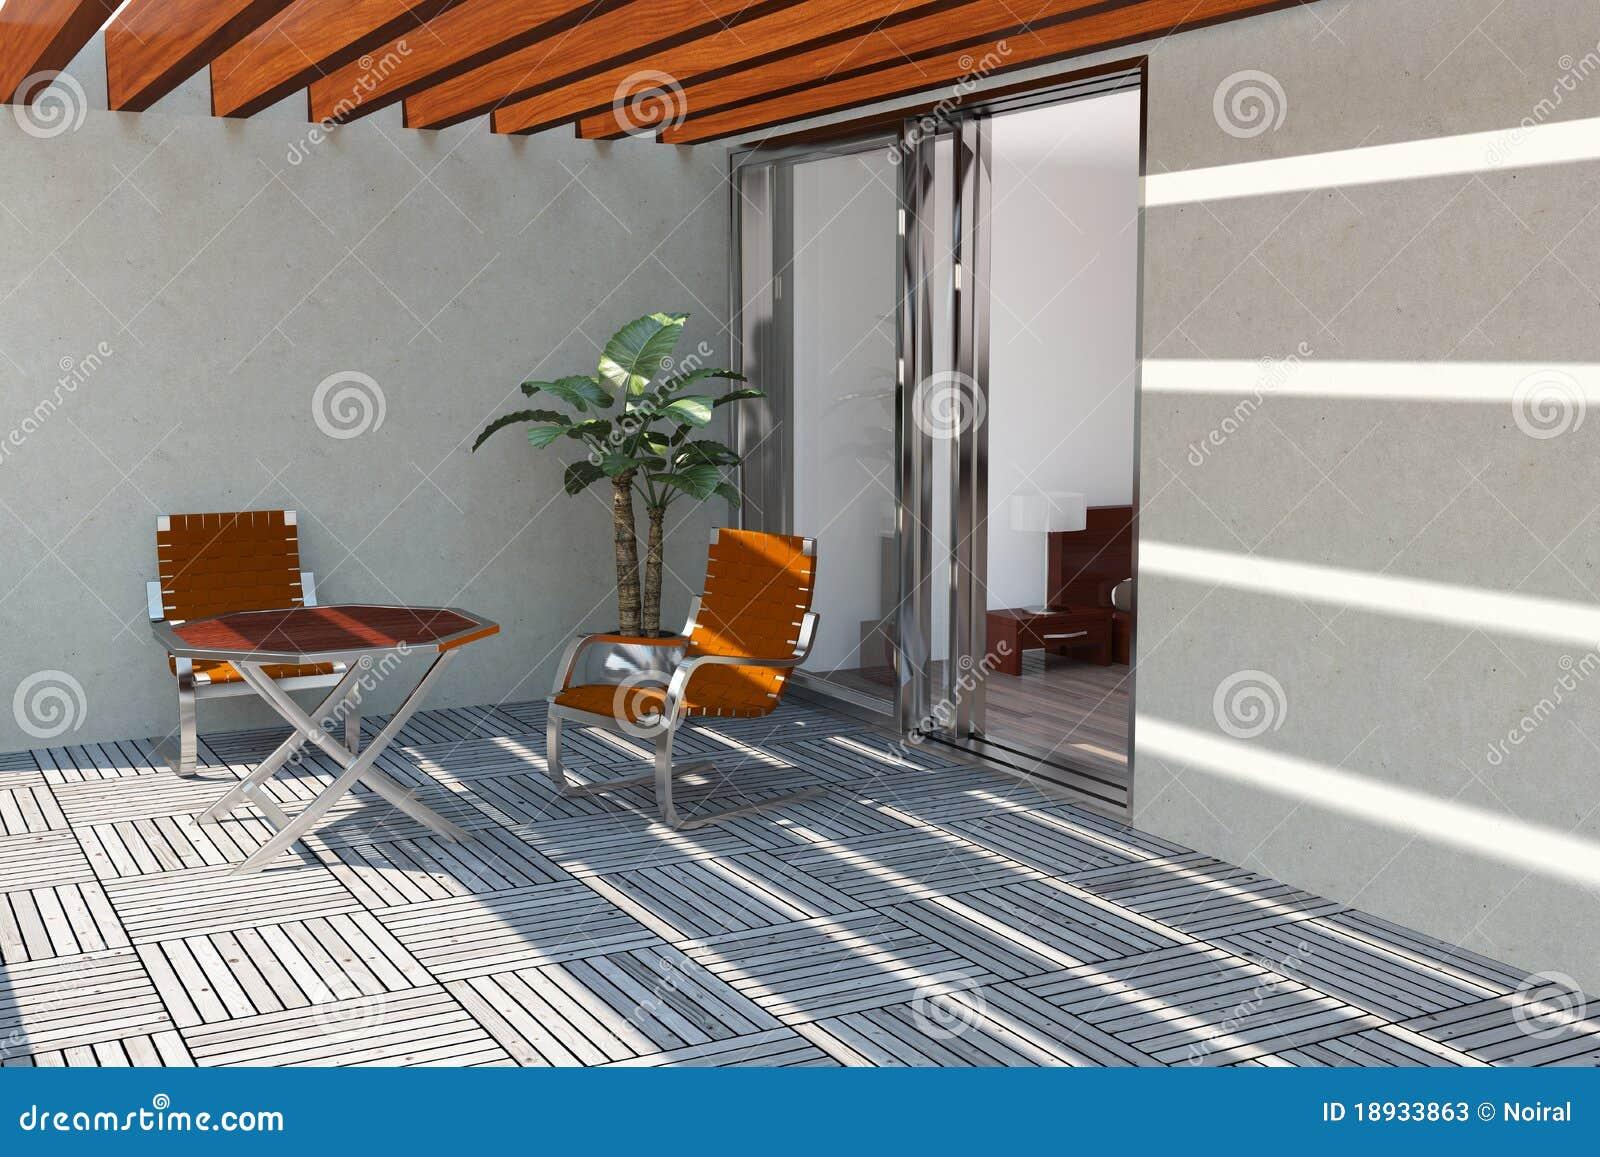 Modern home terrass